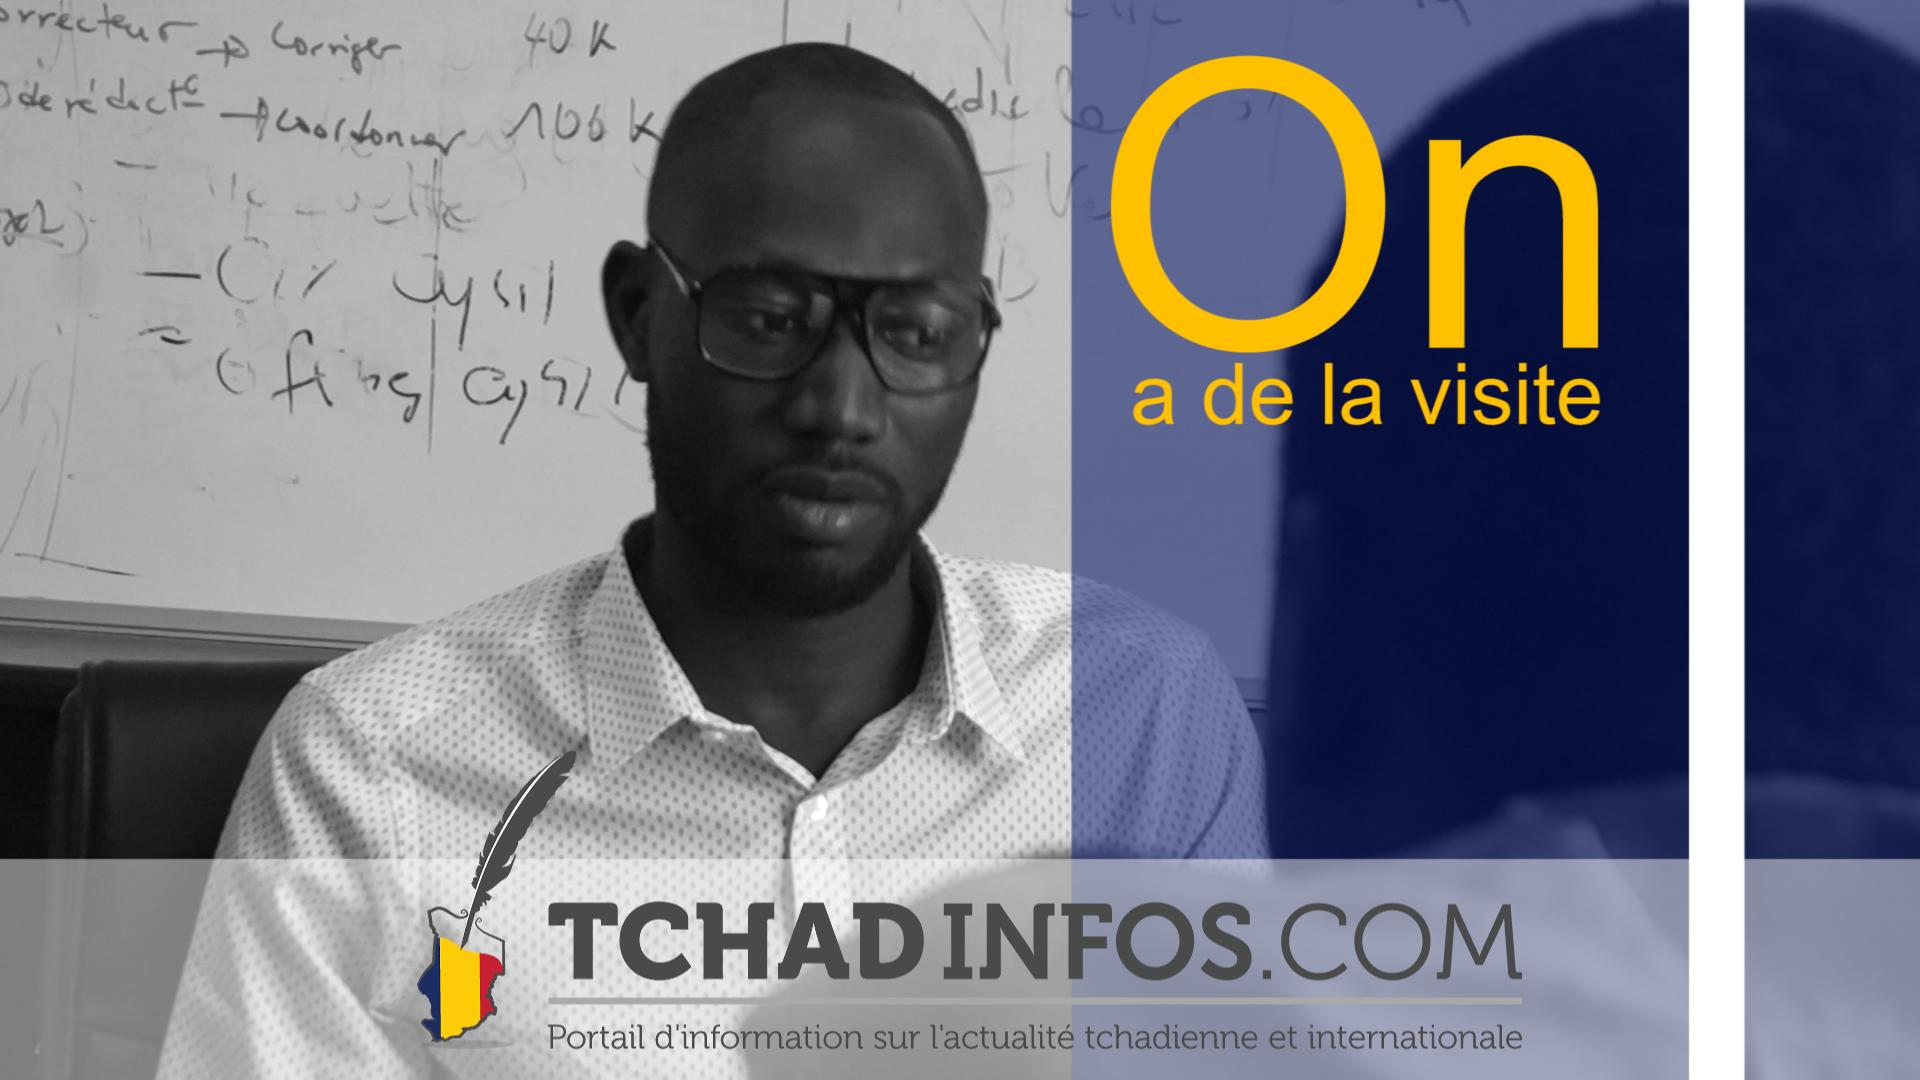 On a de la visite : Pepiang Toufdy cinéaste tchadien